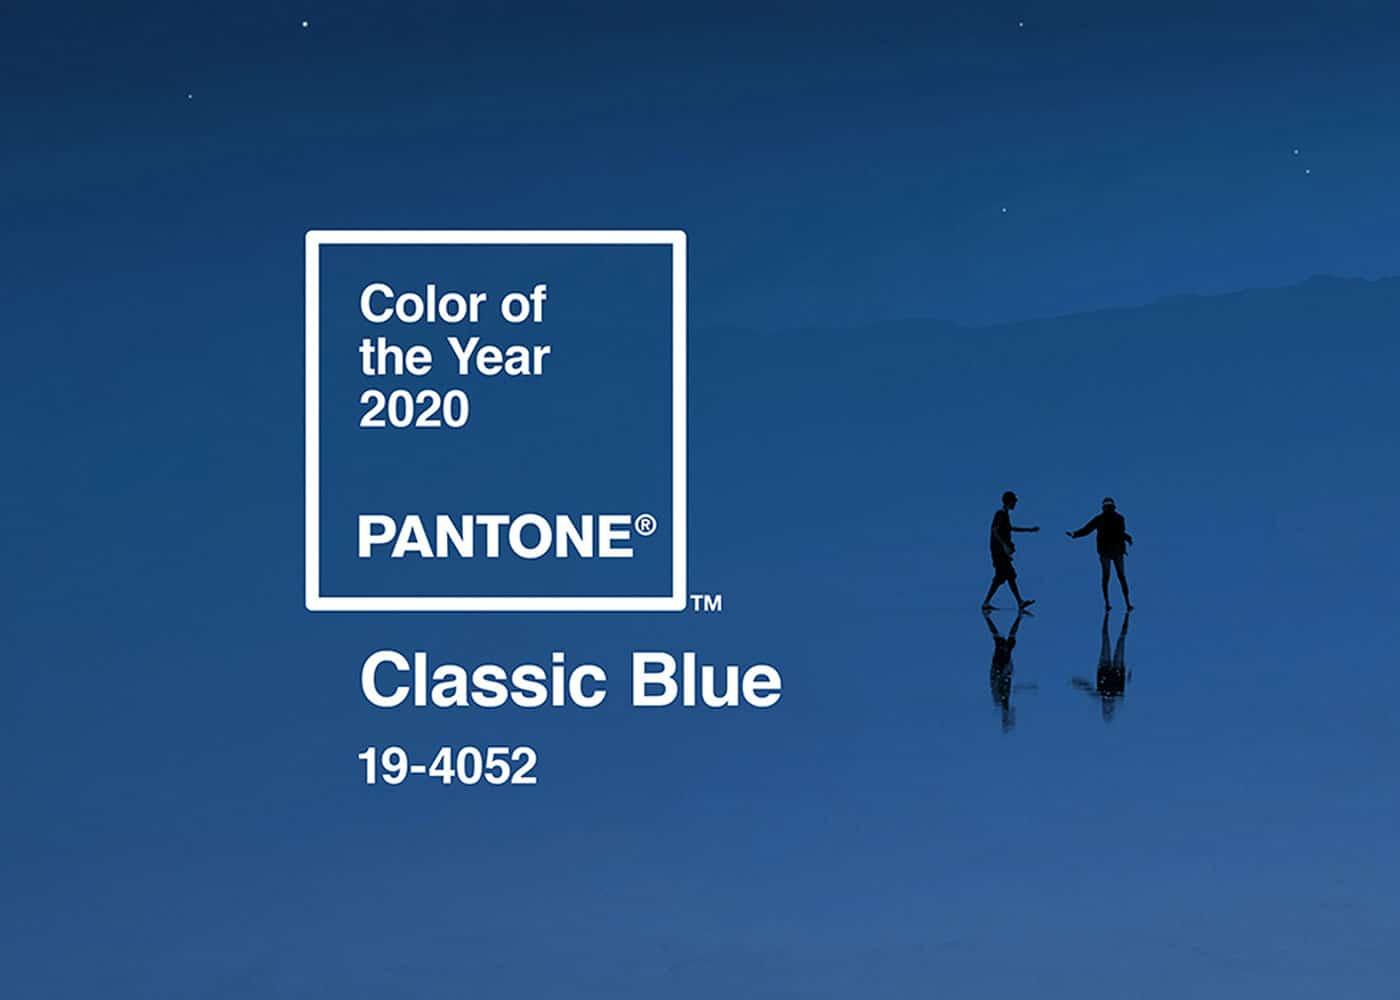 Classic Blue: Pantone bestimmt Trendfarbe 2020